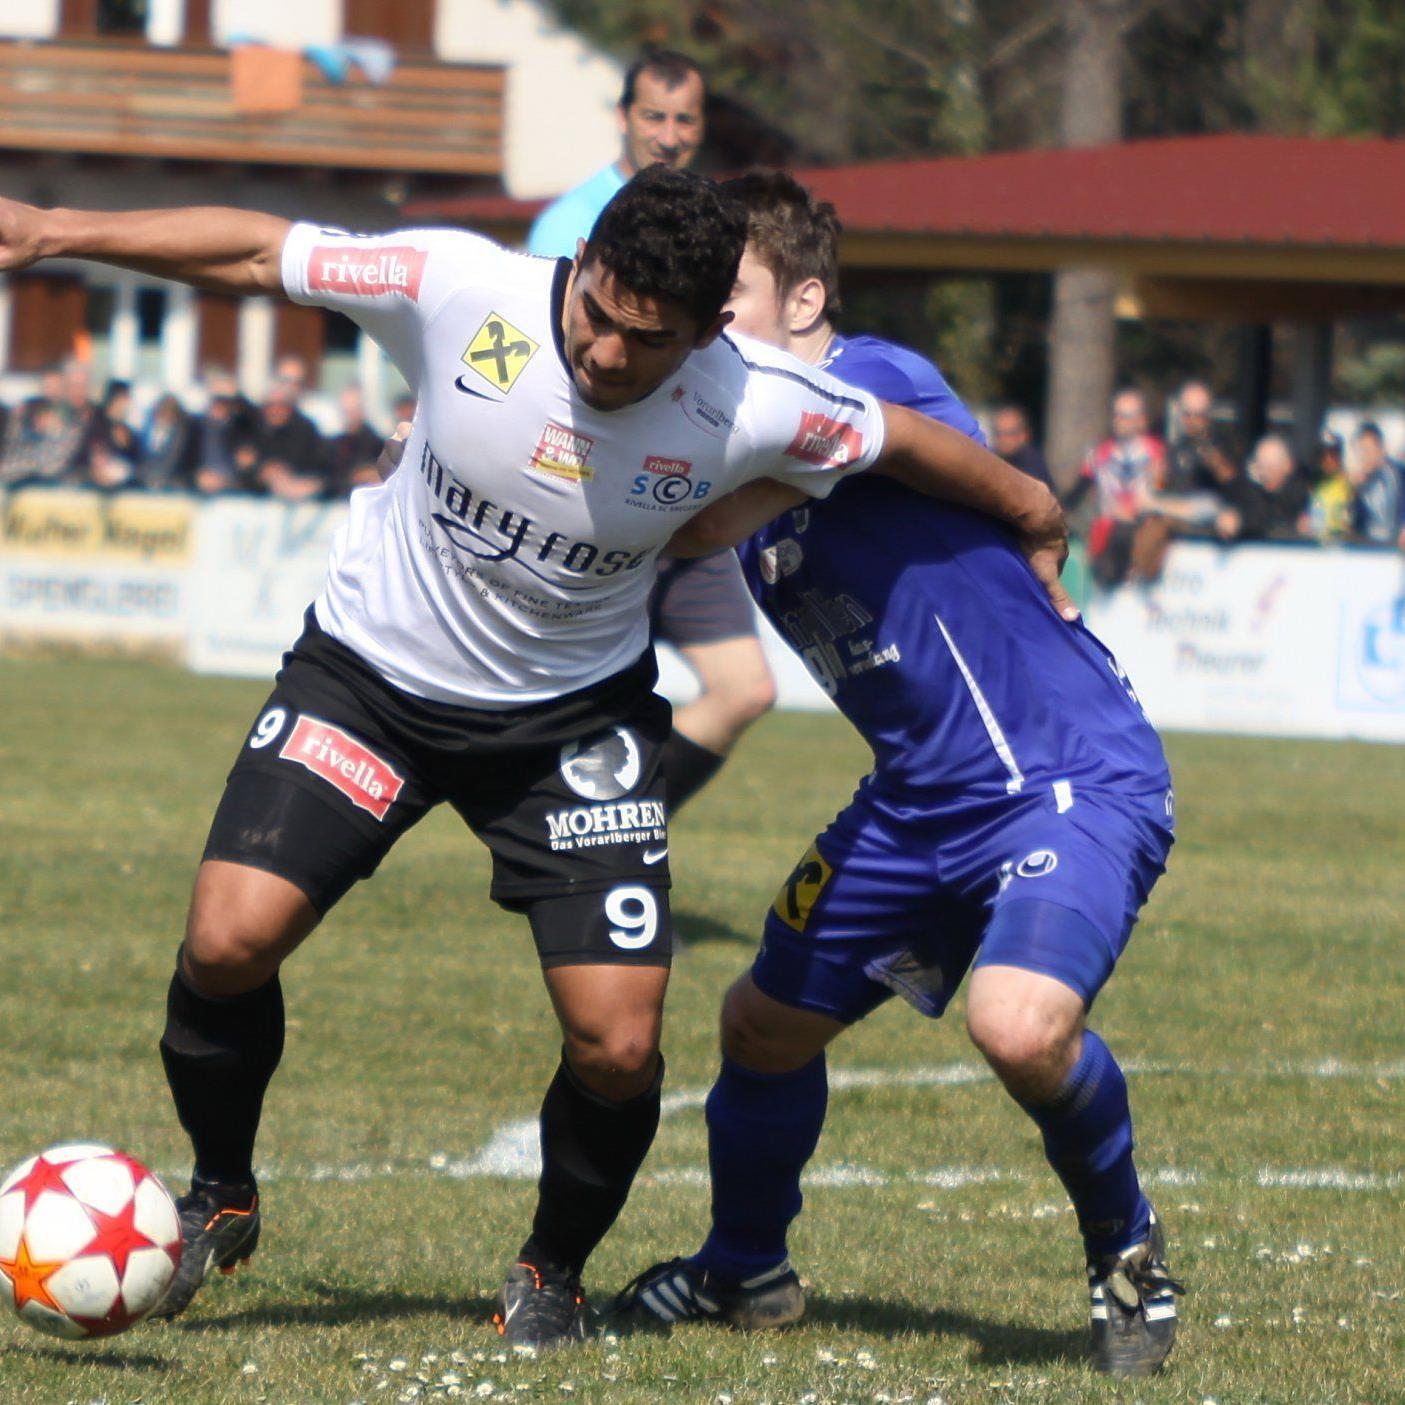 Vinicius Gomes Maciel schoss die Bregenzer Führung und wurde dann ausgeschlossen.